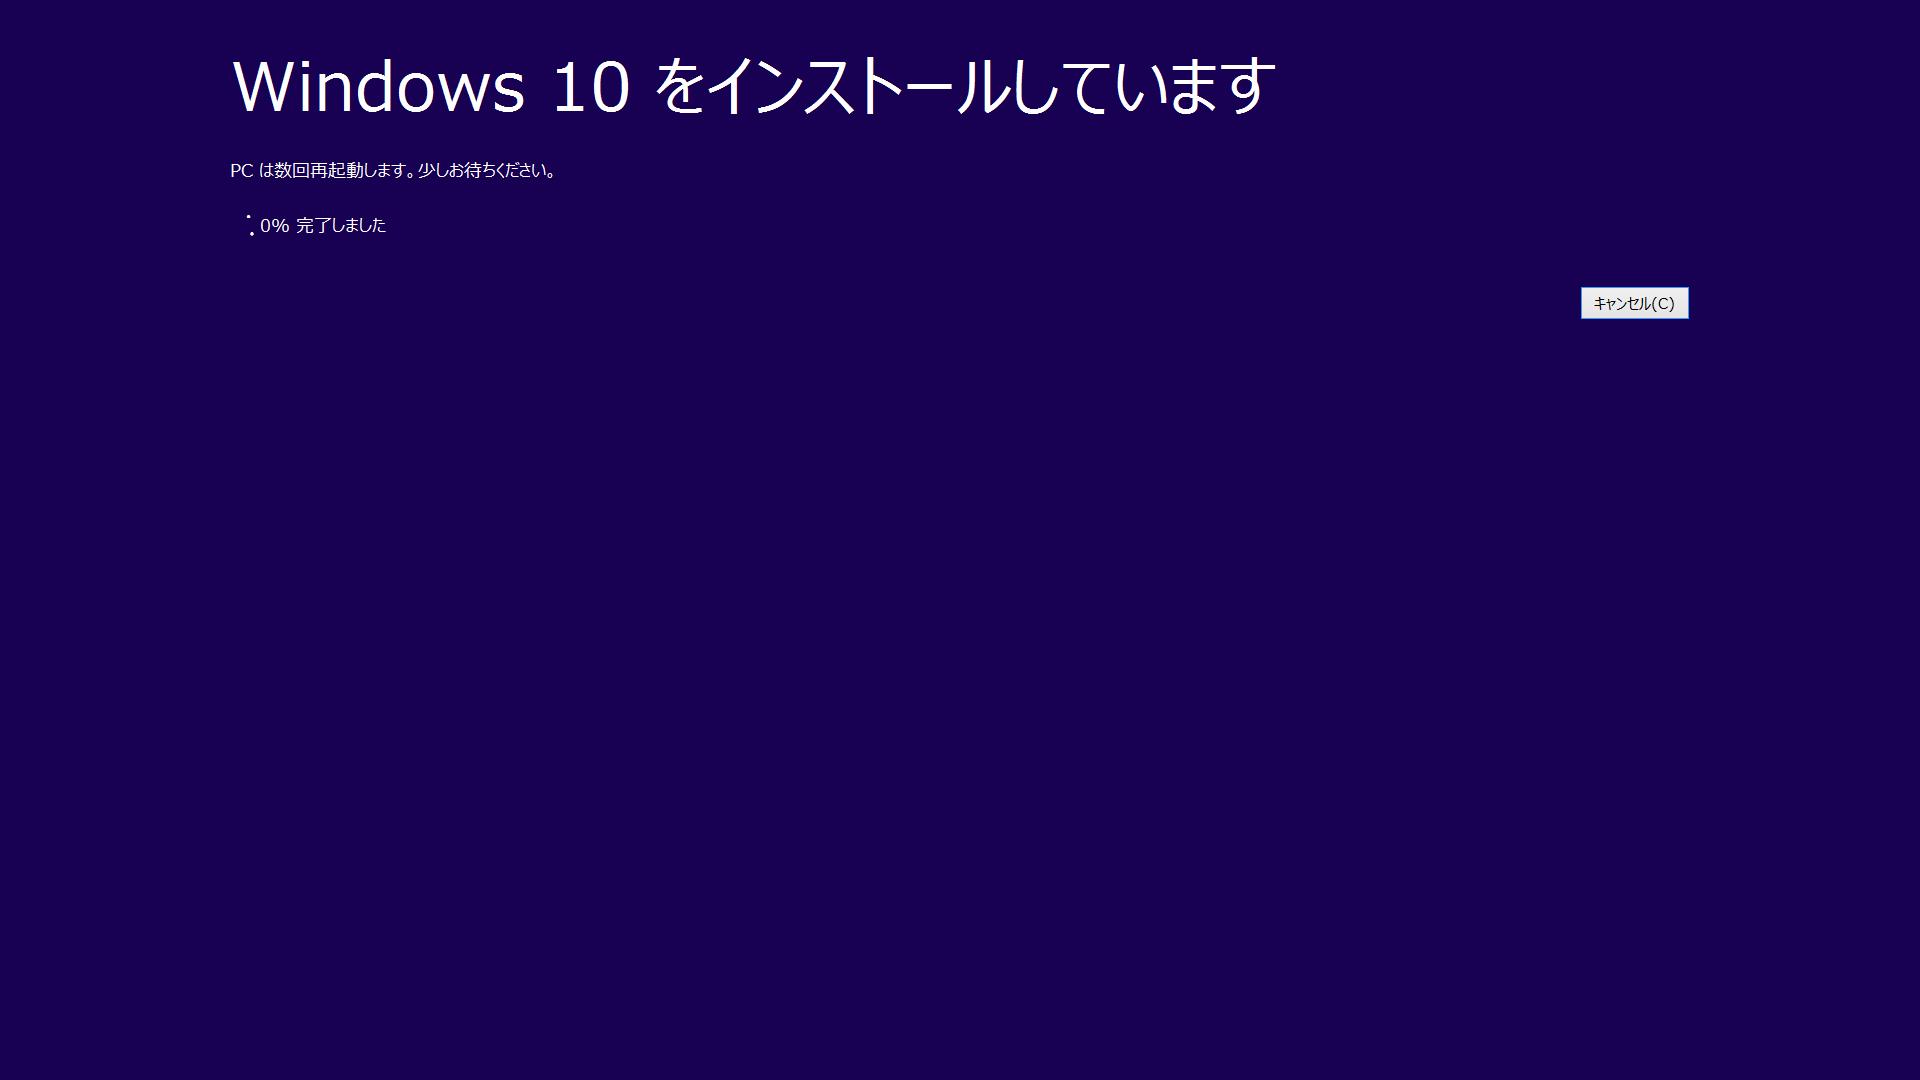 Windows10へのアップグレードをしてみました